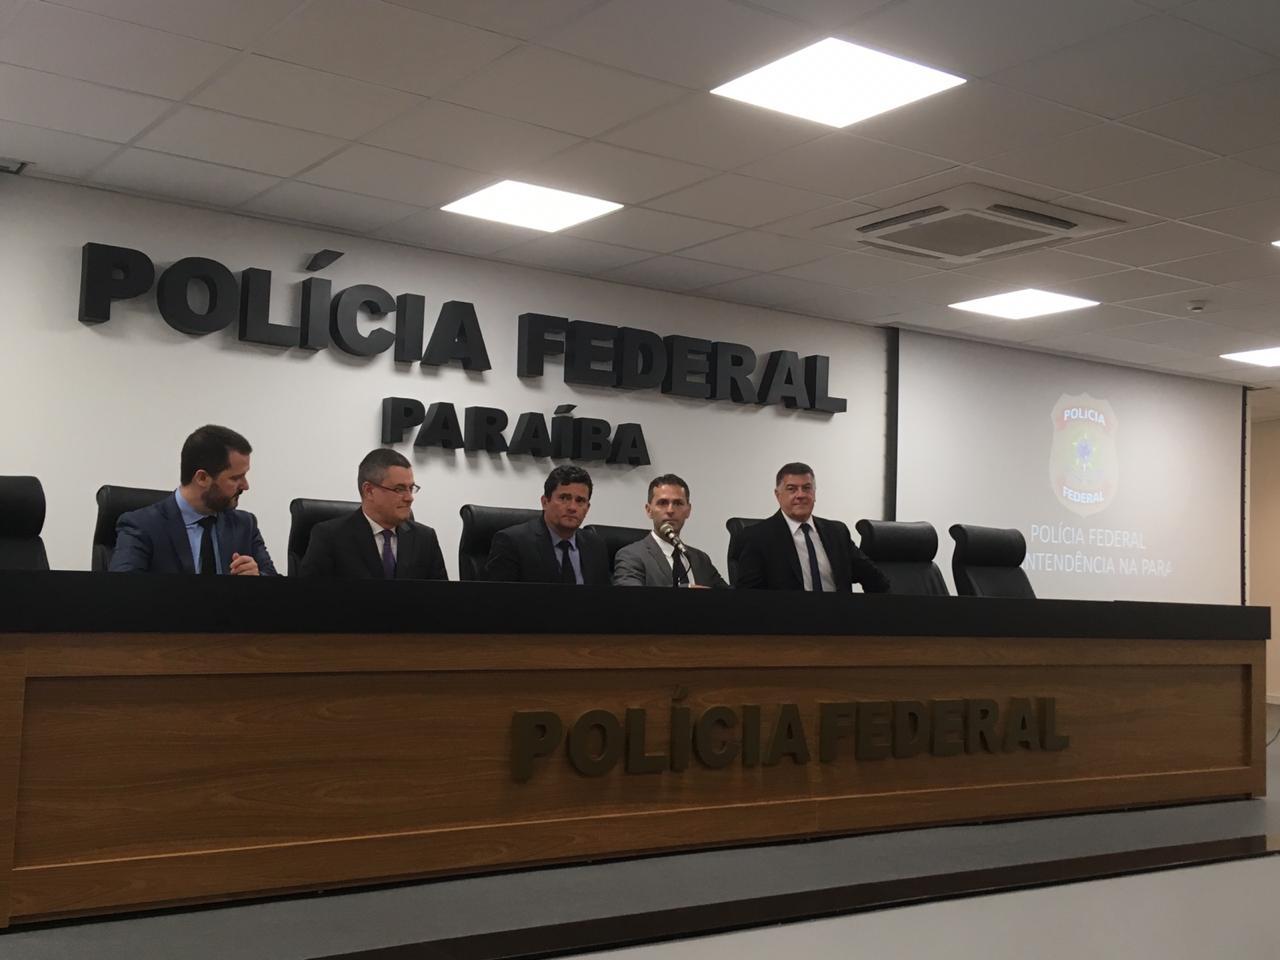 WhatsApp Image 2020 02 17 at 12.34.58 - BASTIDORES: Sérgio Moro reforça mensagem de combate à corrupção na Paraíba - por Felipe Nunes